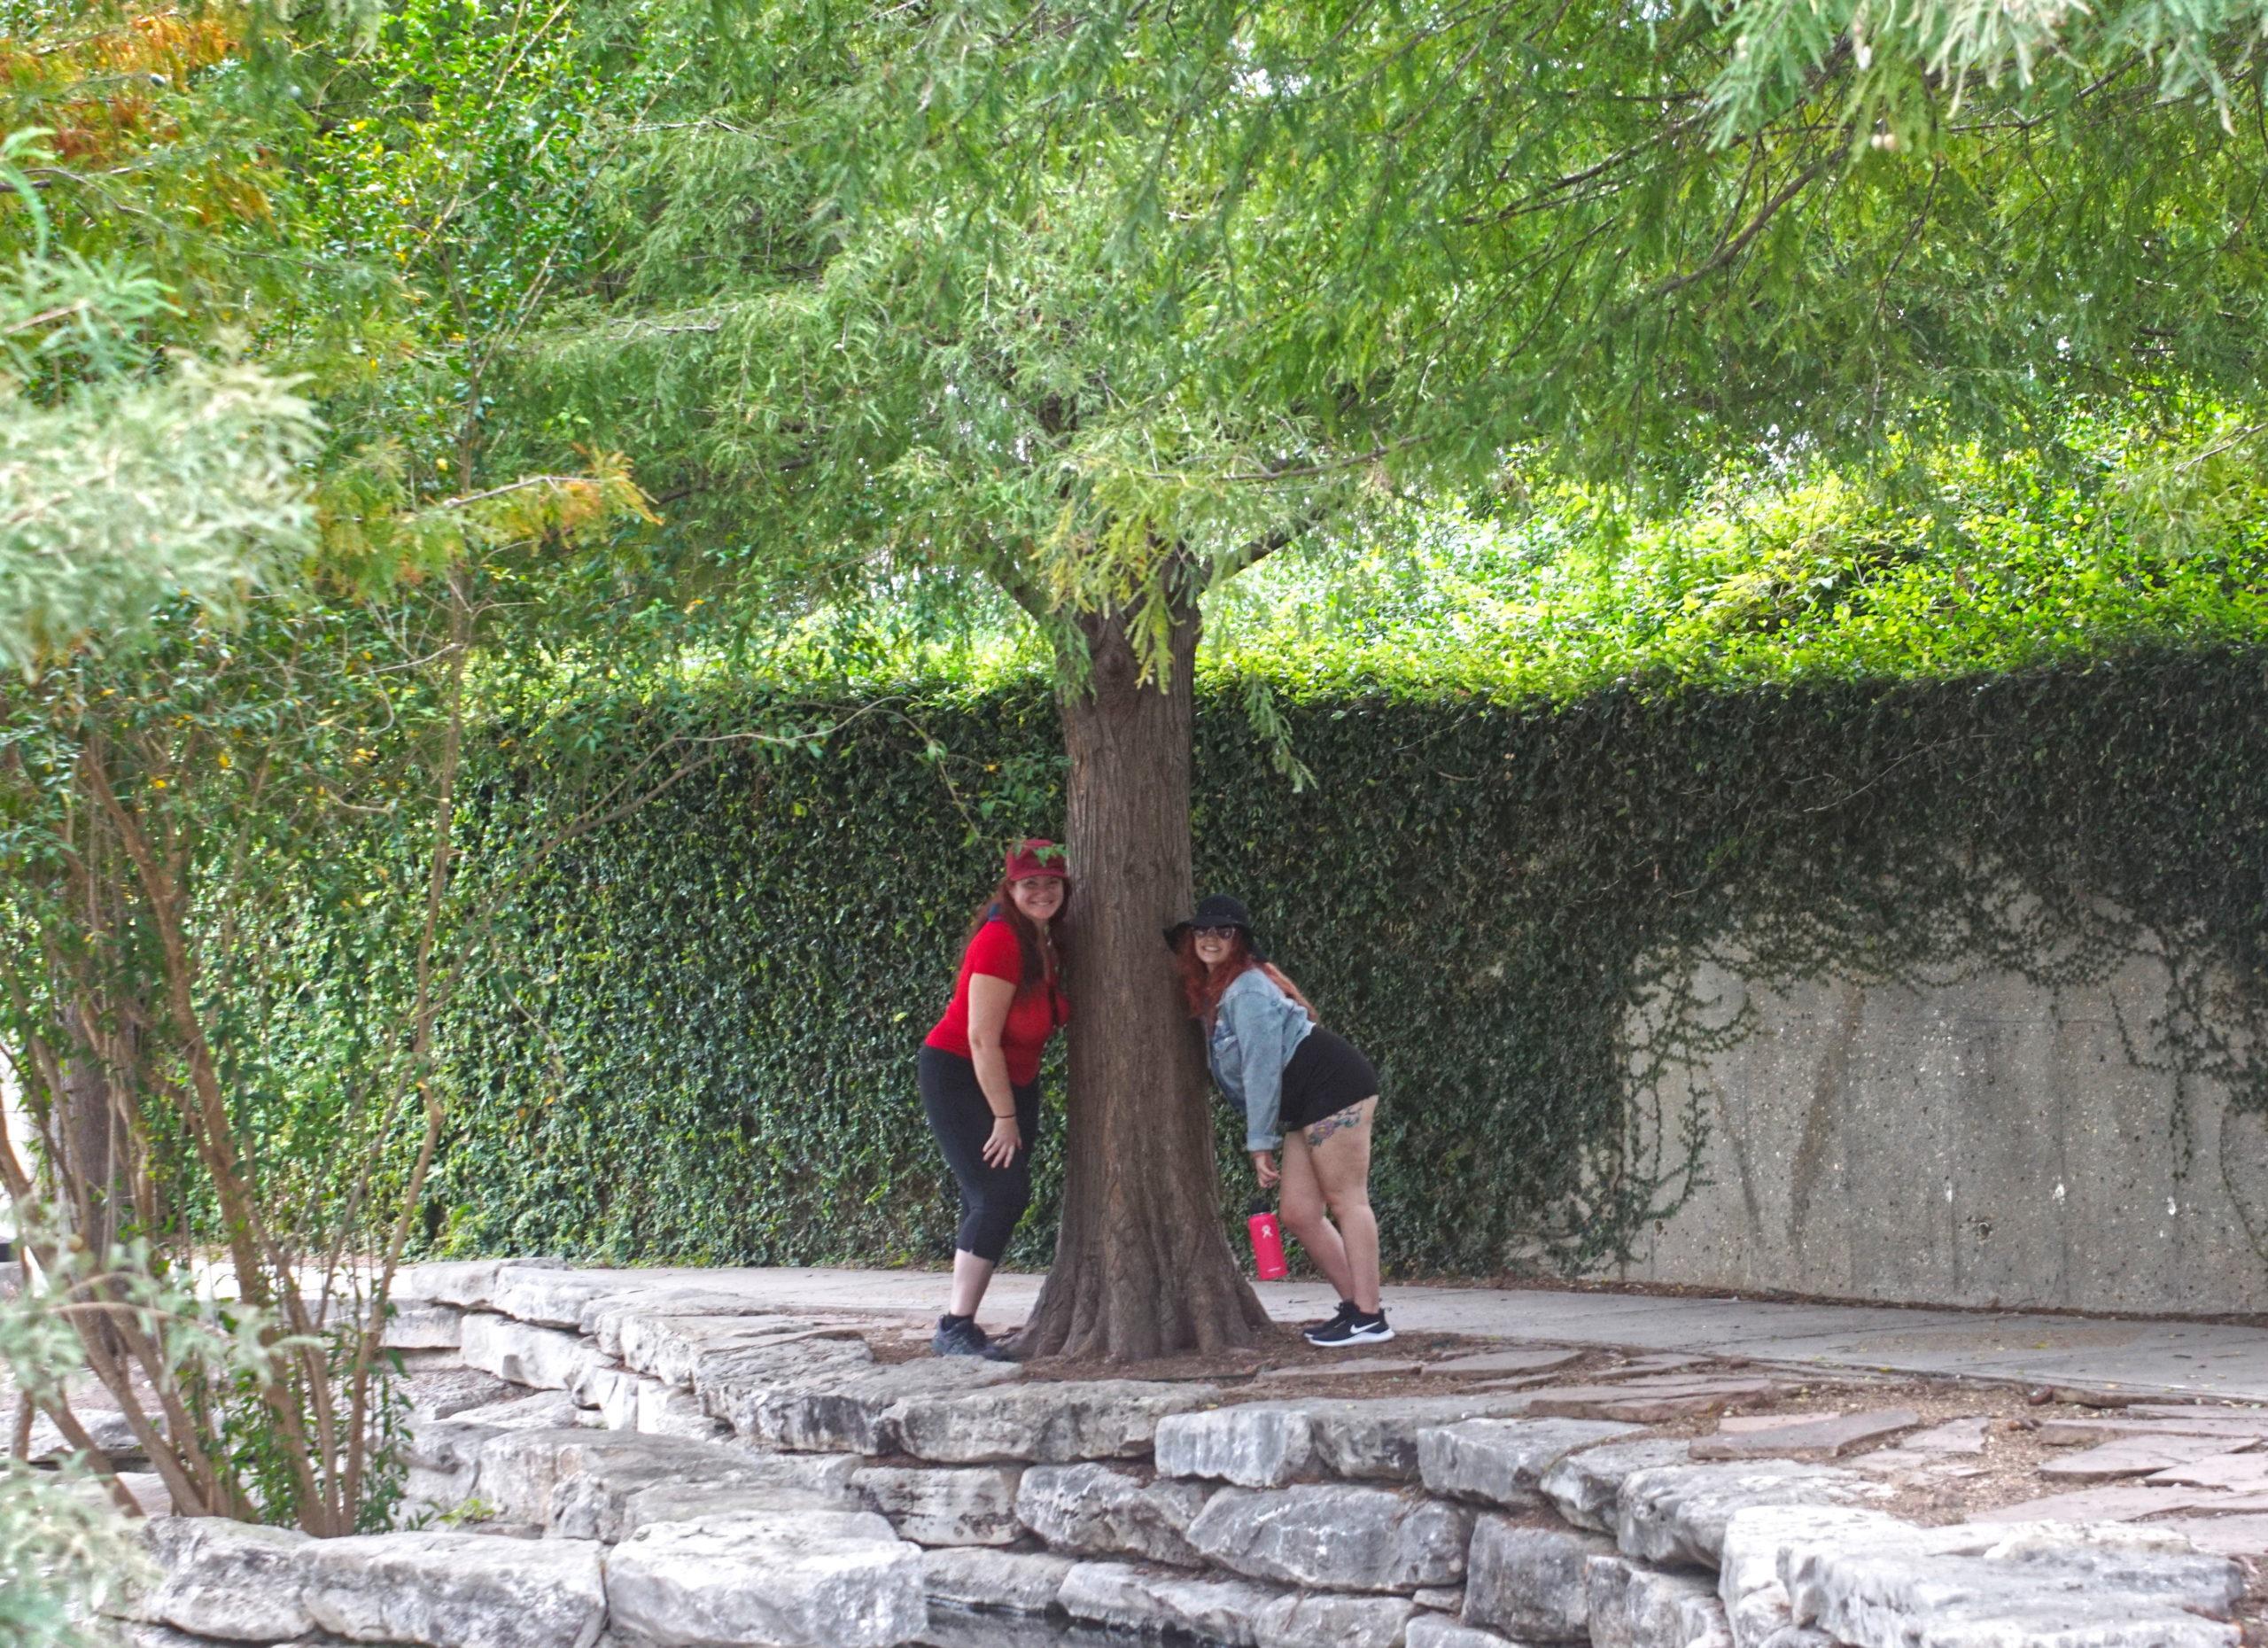 Tree's Company.  Haha, get it?